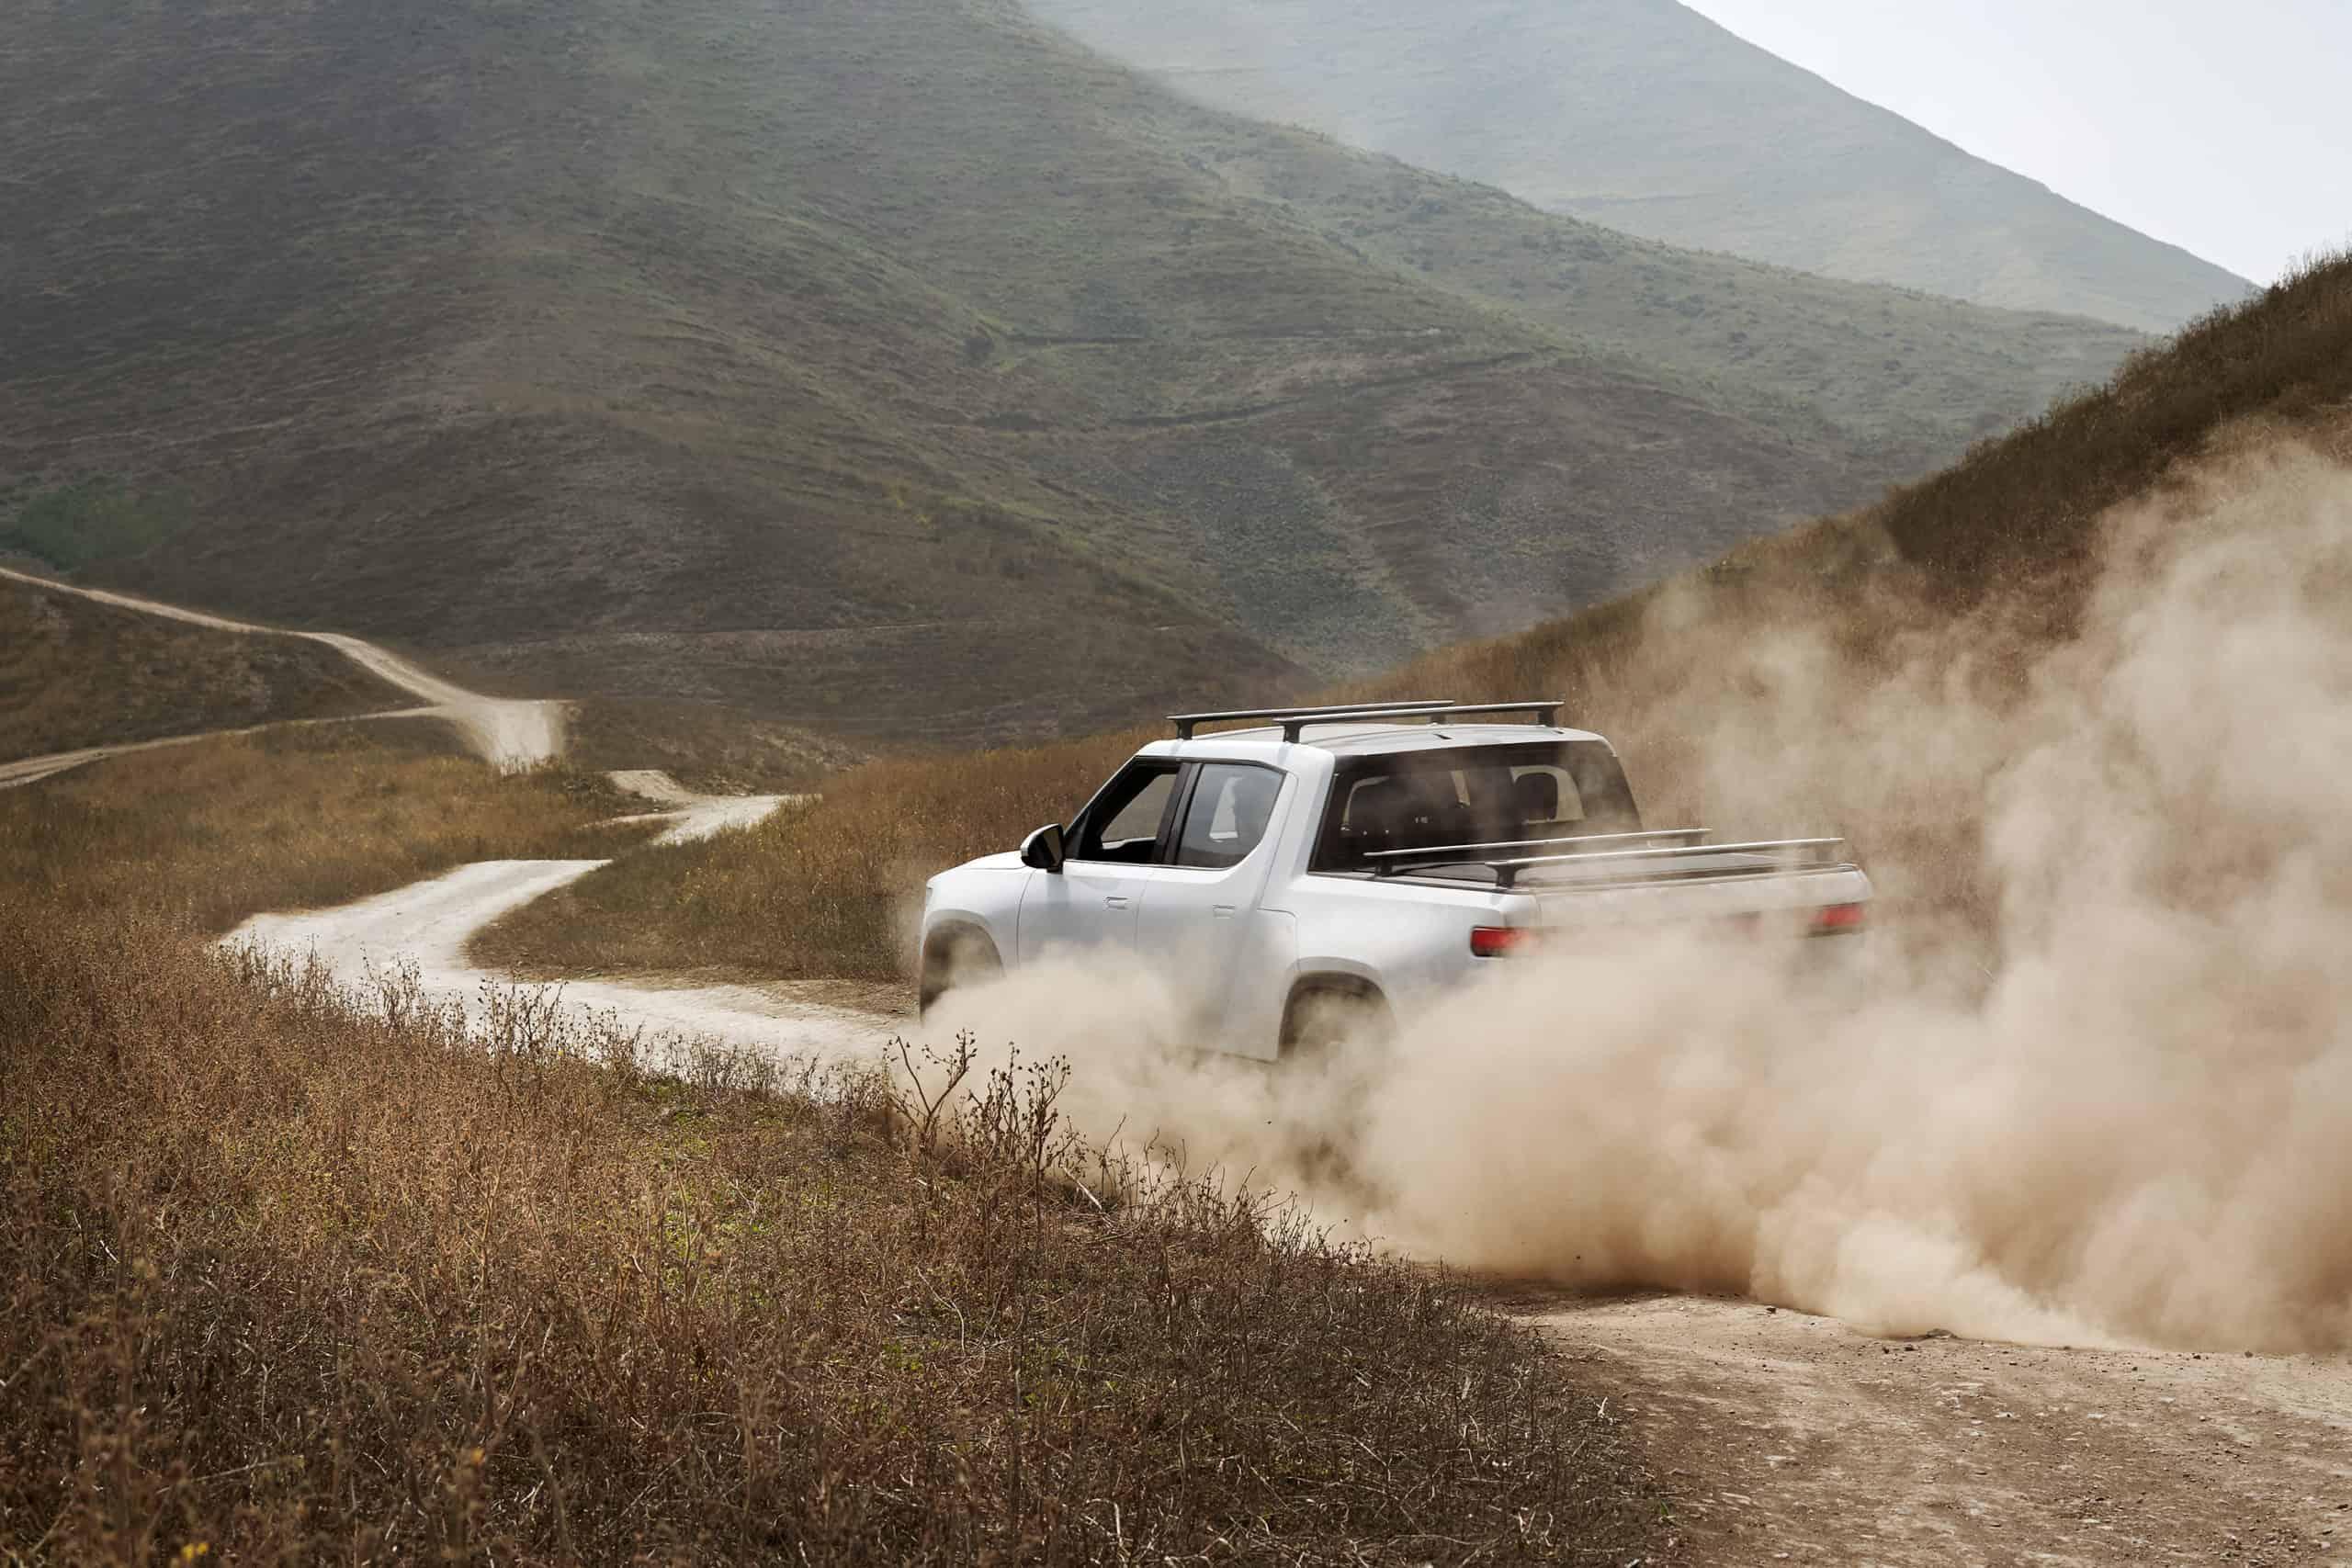 Rivian R1T on dusty road